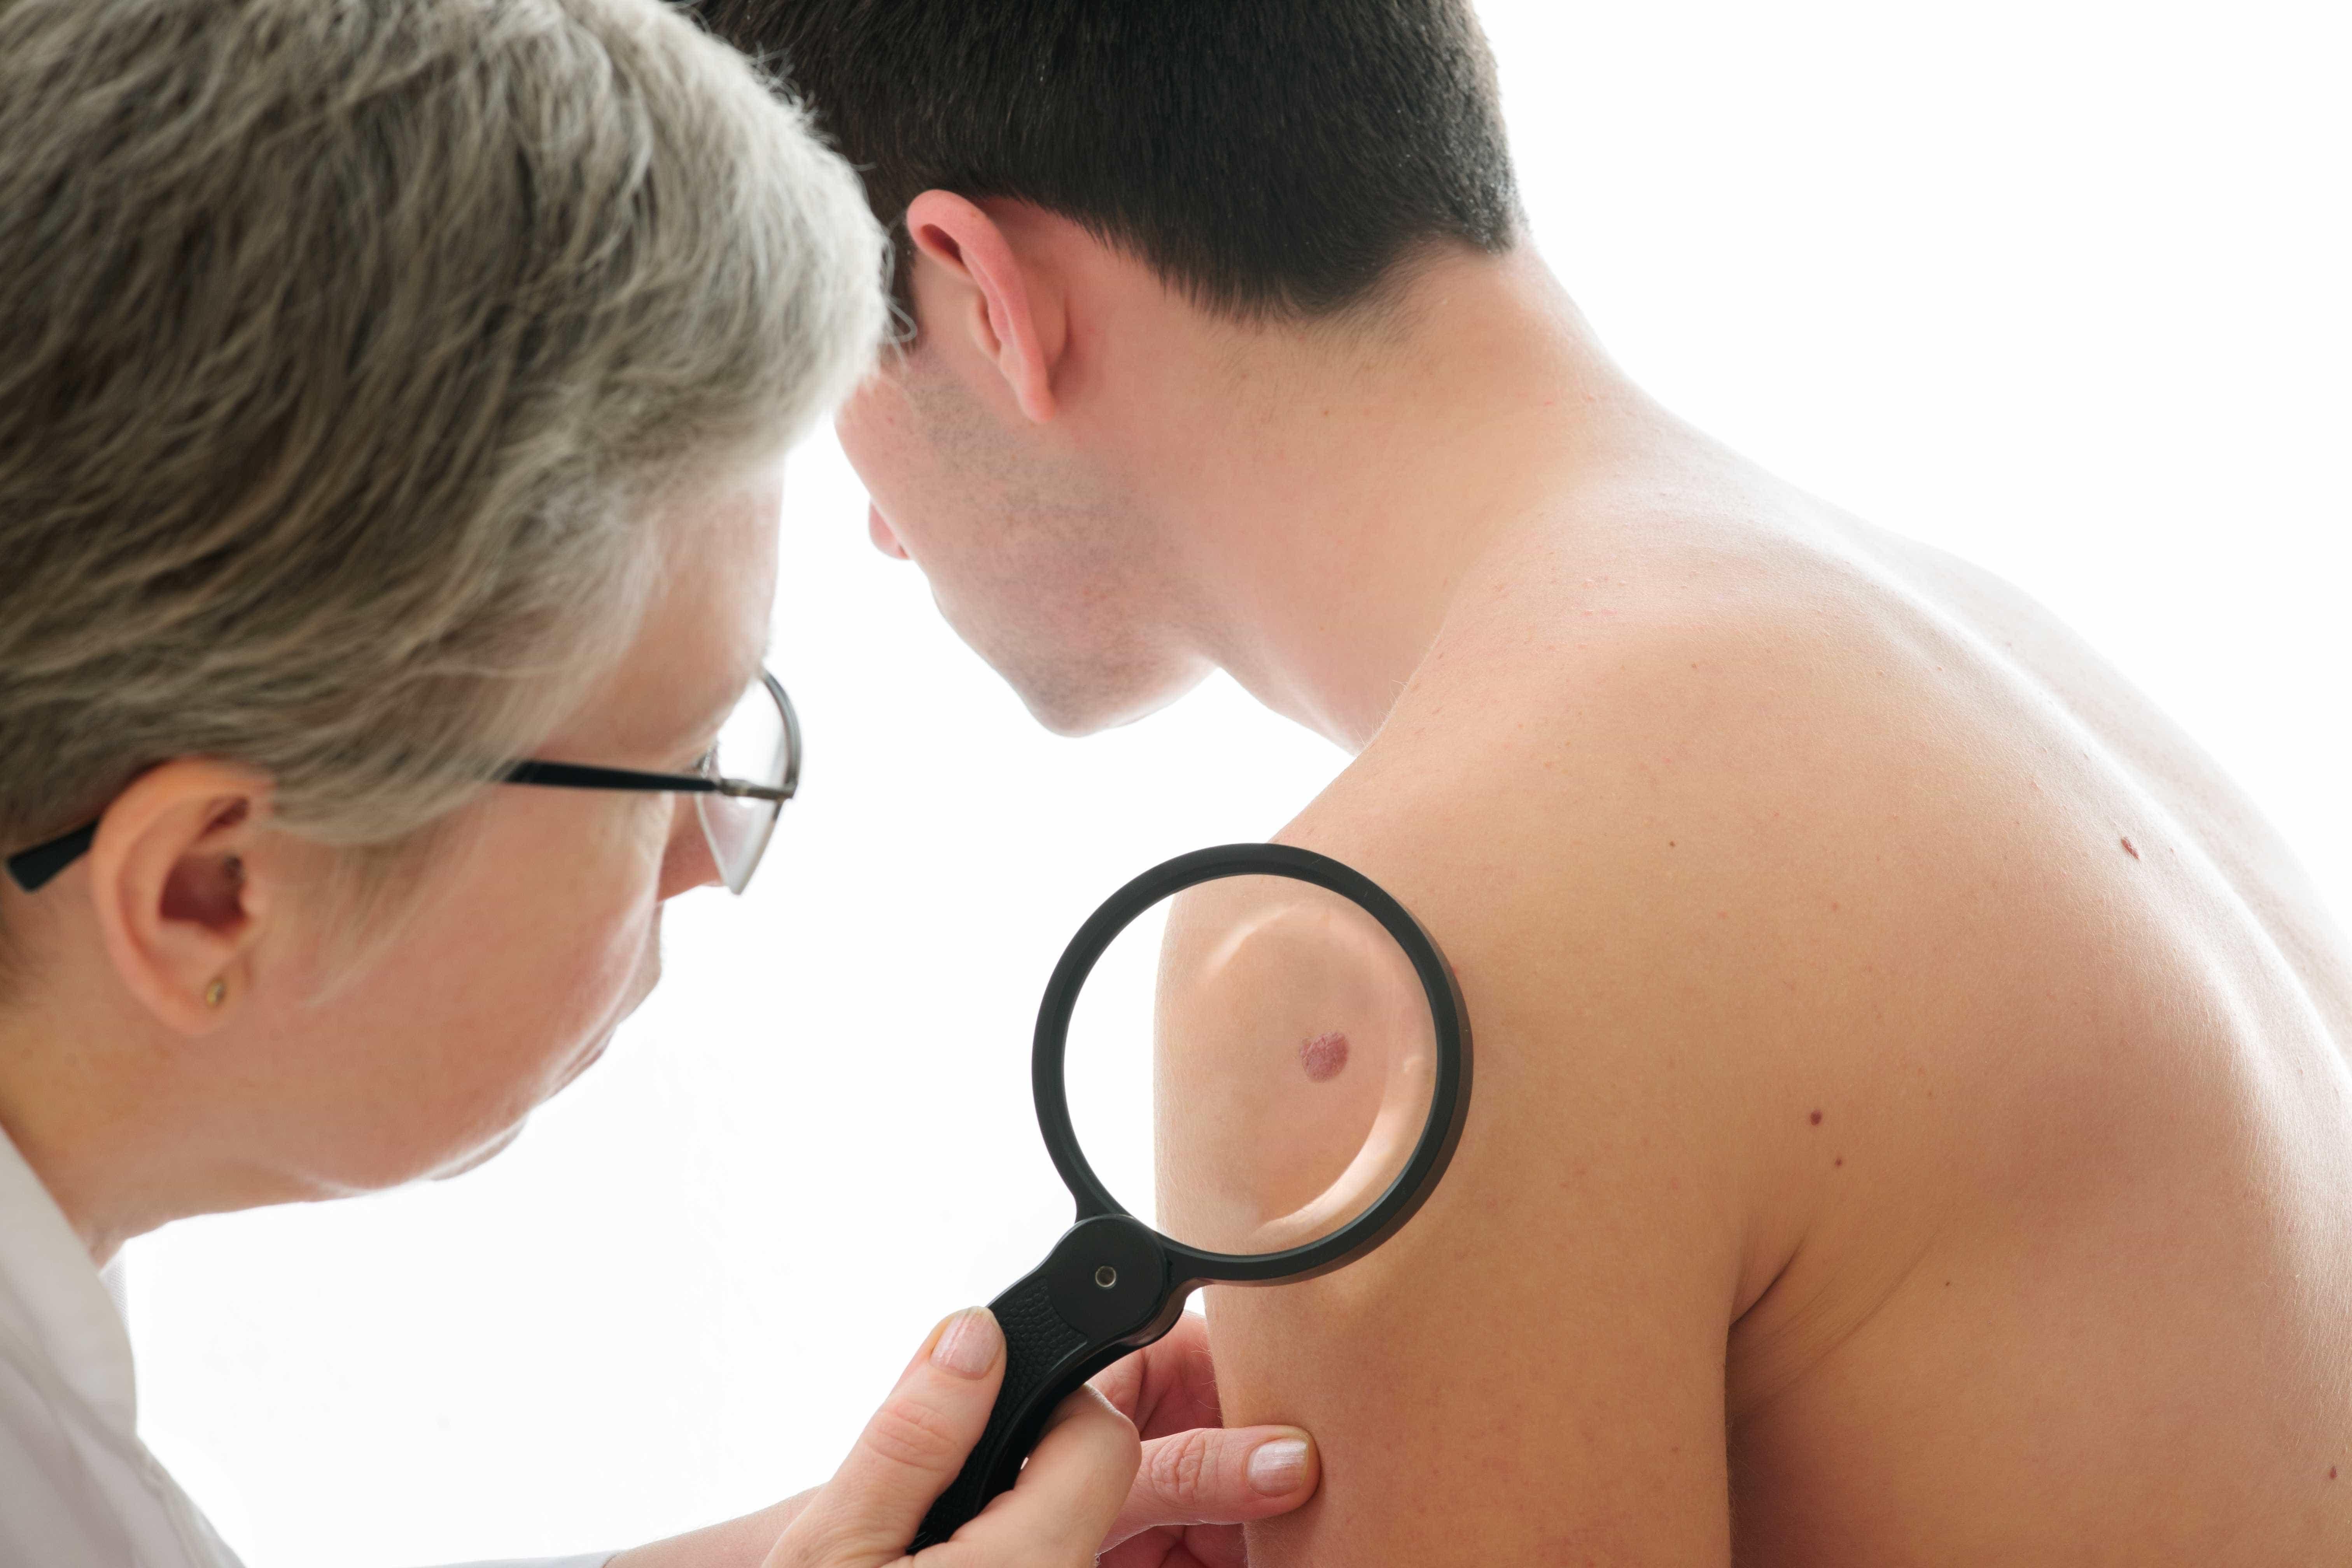 Sinais de cancro de pele que nem sempre são fáceis de decifrar